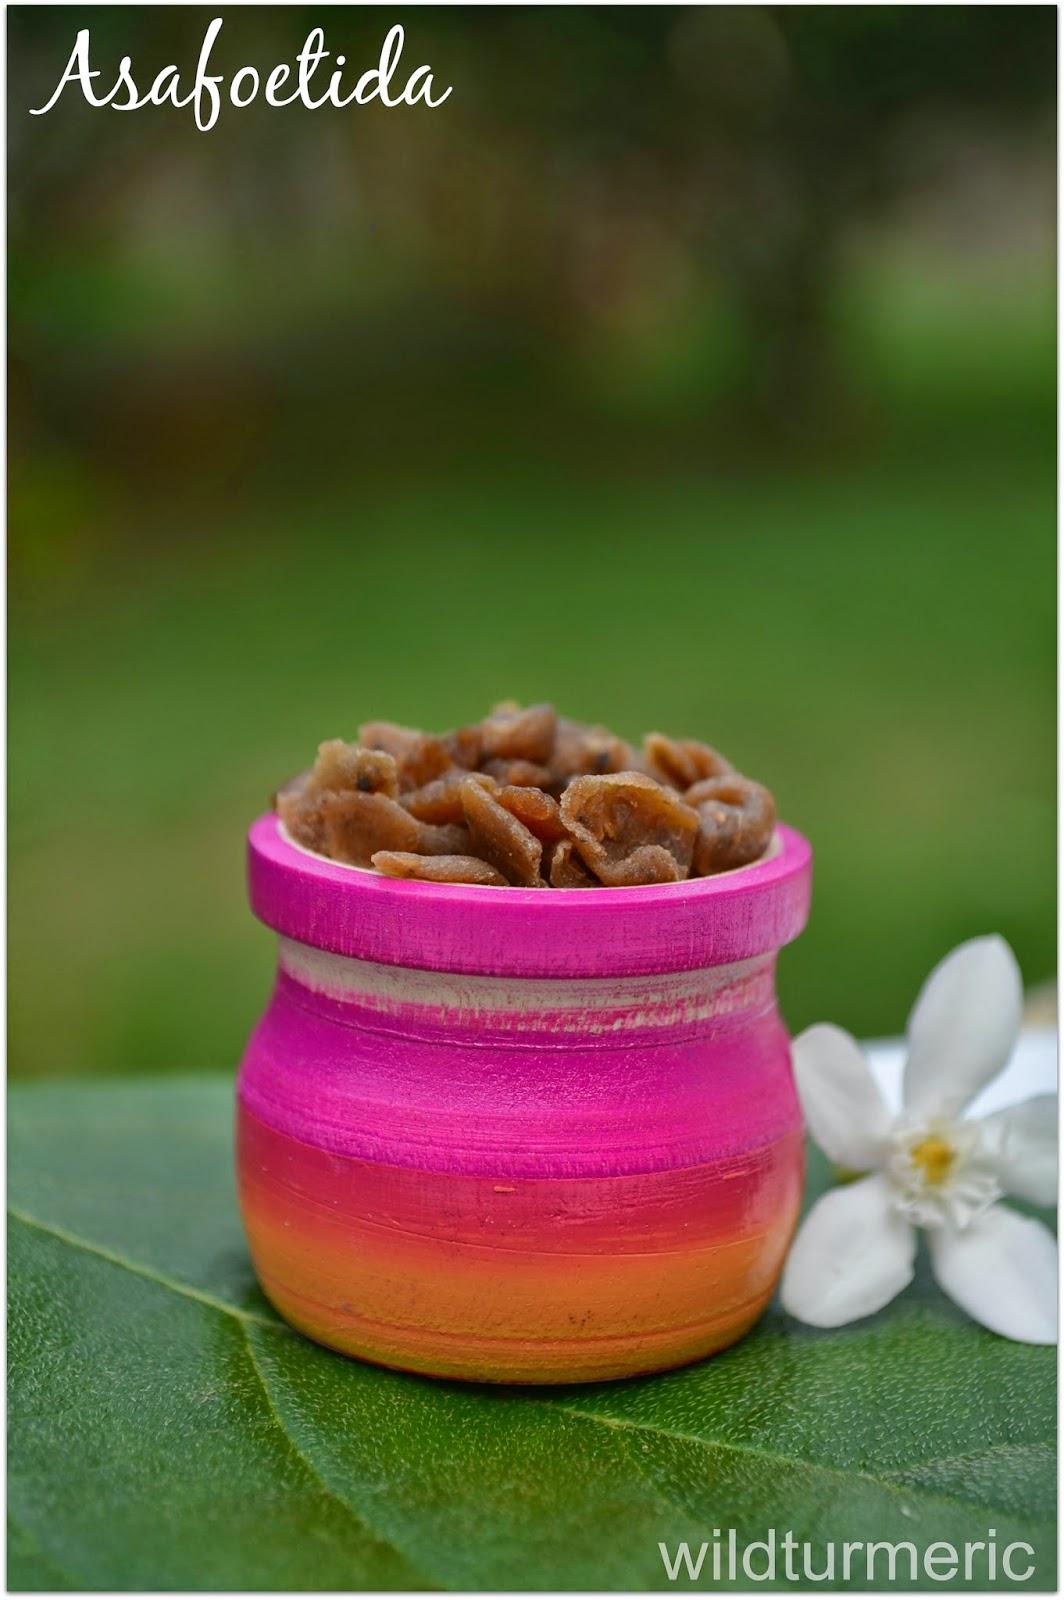 10 Top Benefits & Uses of Asafoetida   Hing   Perungayam for Health, Beauty & Skin